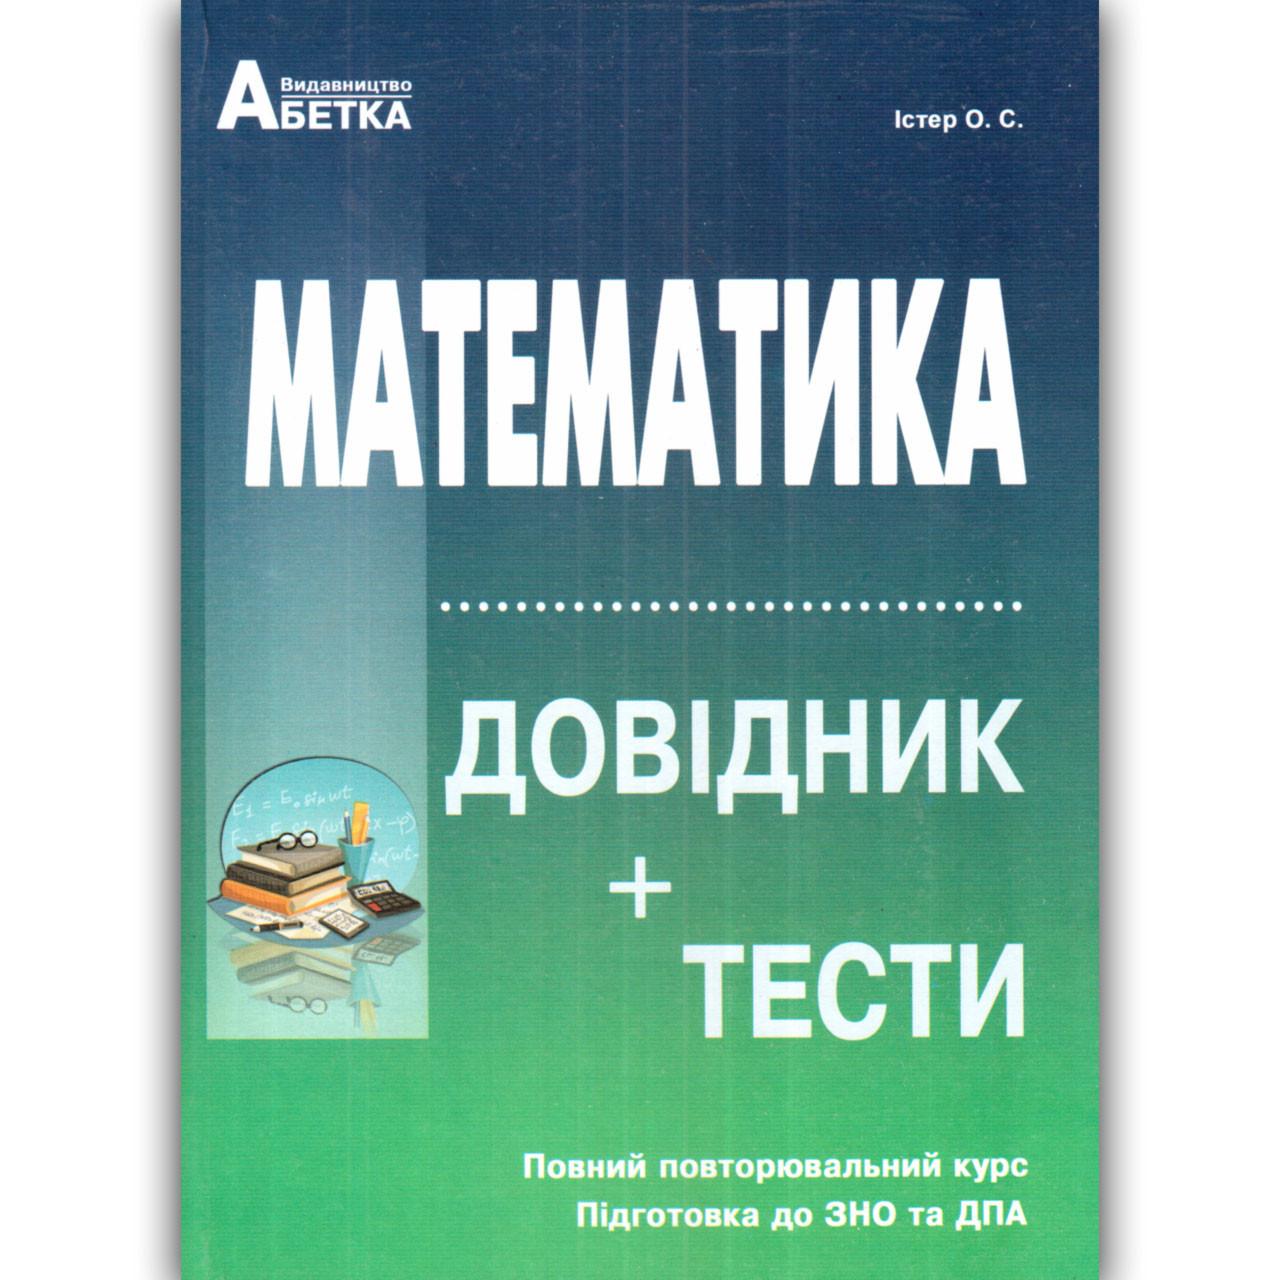 ЗНО 2021 Математика Довідник Тести Авт: Істер О. Вид: Абетка